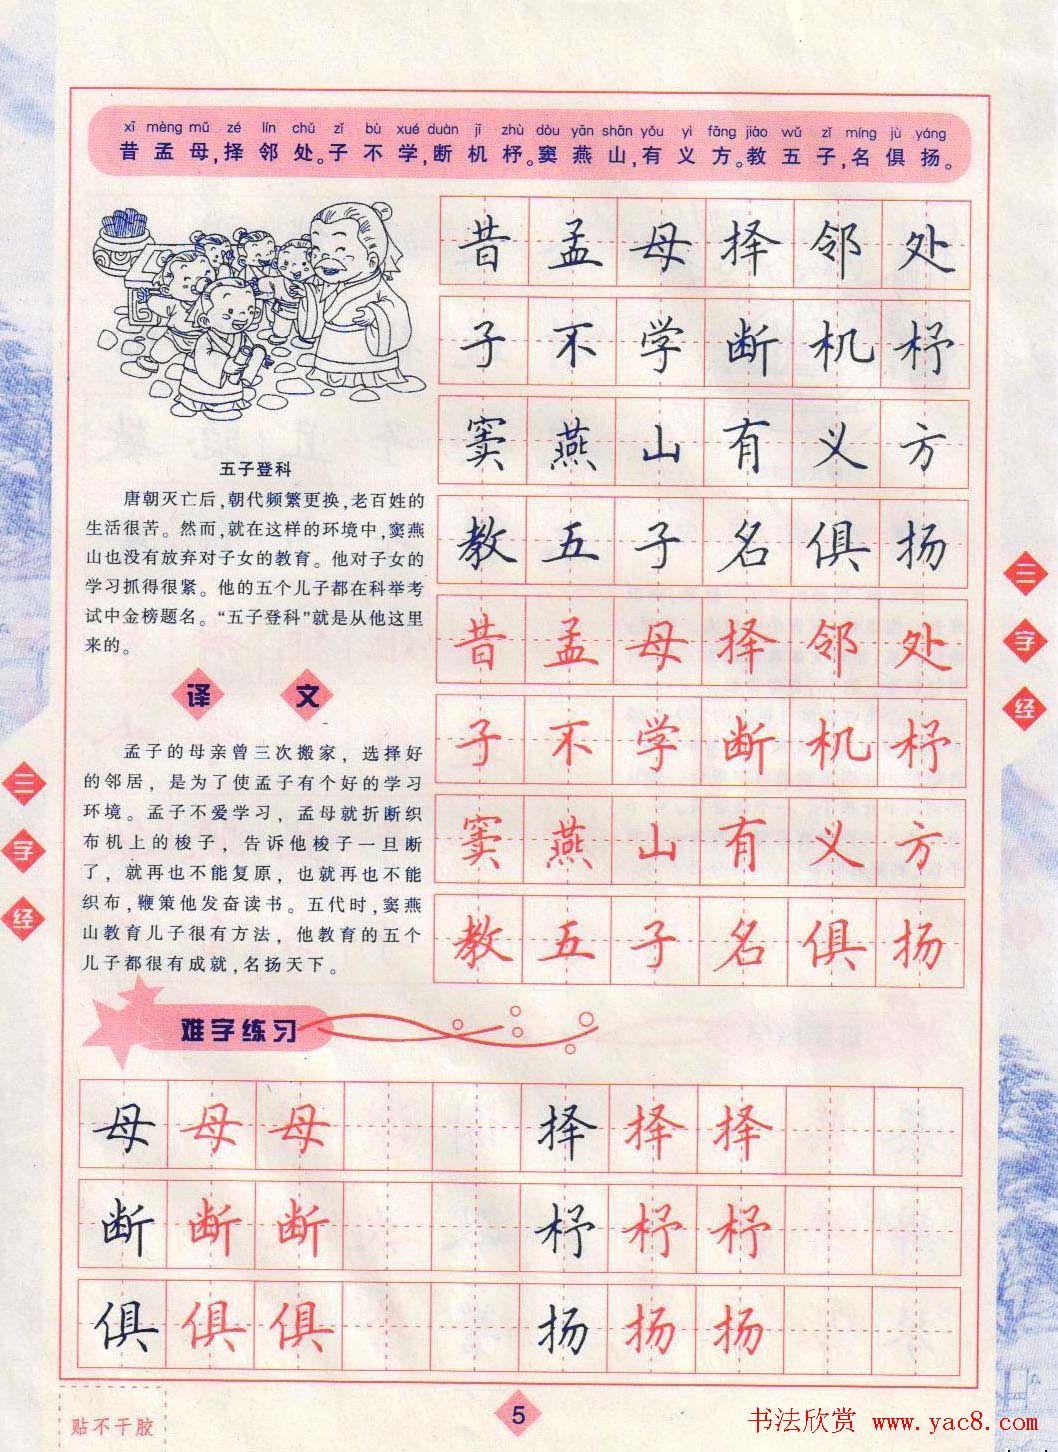 田英章硬笔楷书三字经字帖